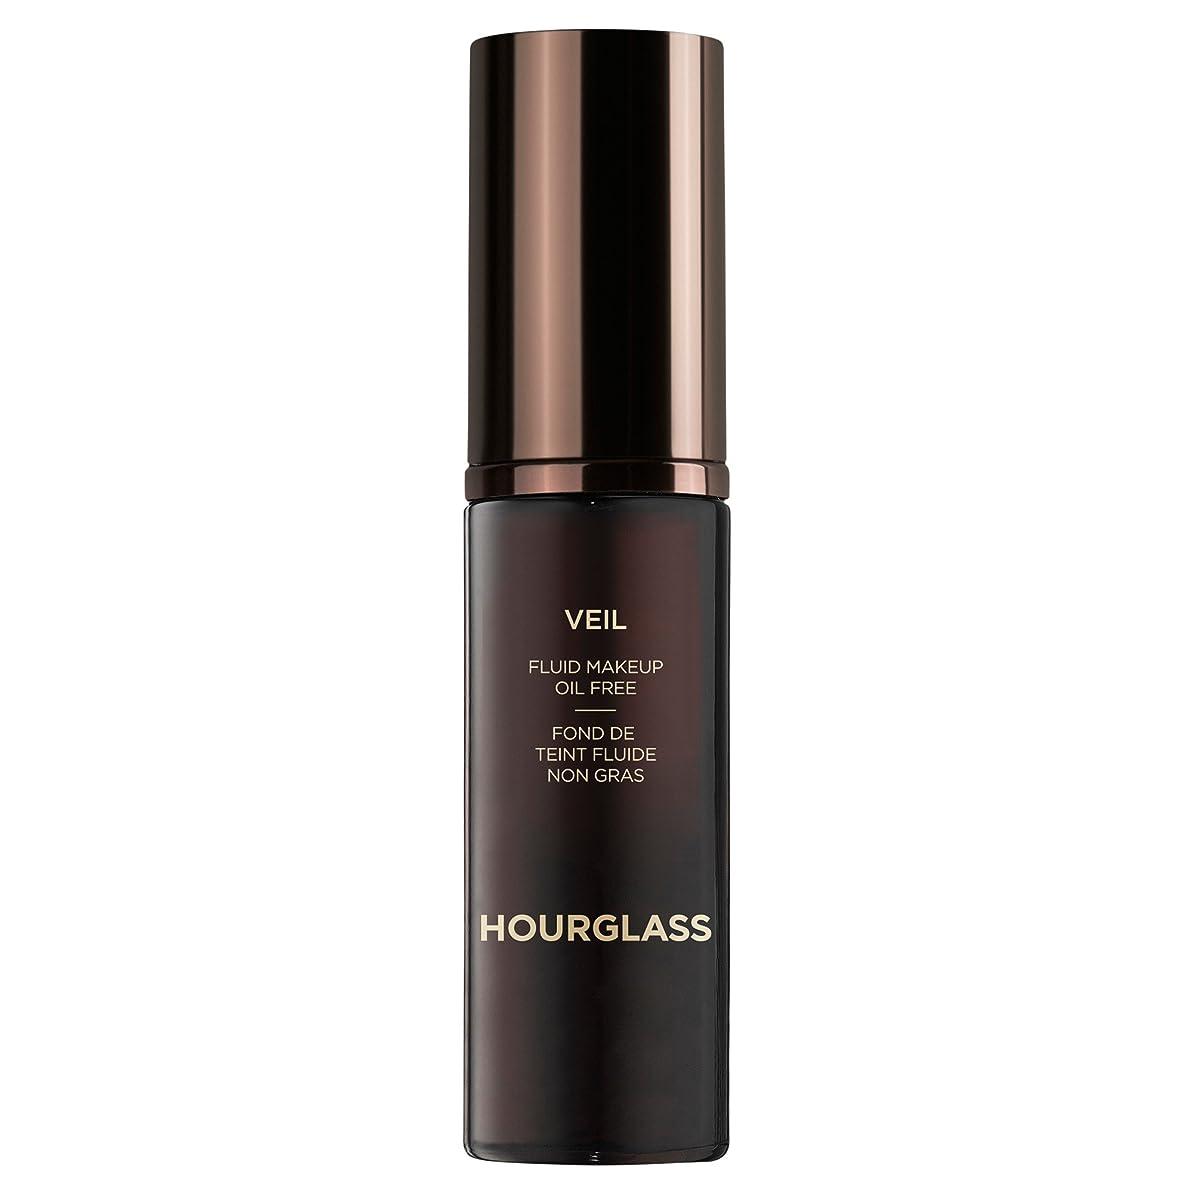 ダウンかみそりキャンドル砂時計のベール流体メイクアップライトベージュ (Hourglass) (x6) - Hourglass Veil Fluid Makeup Light Beige (Pack of 6) [並行輸入品]